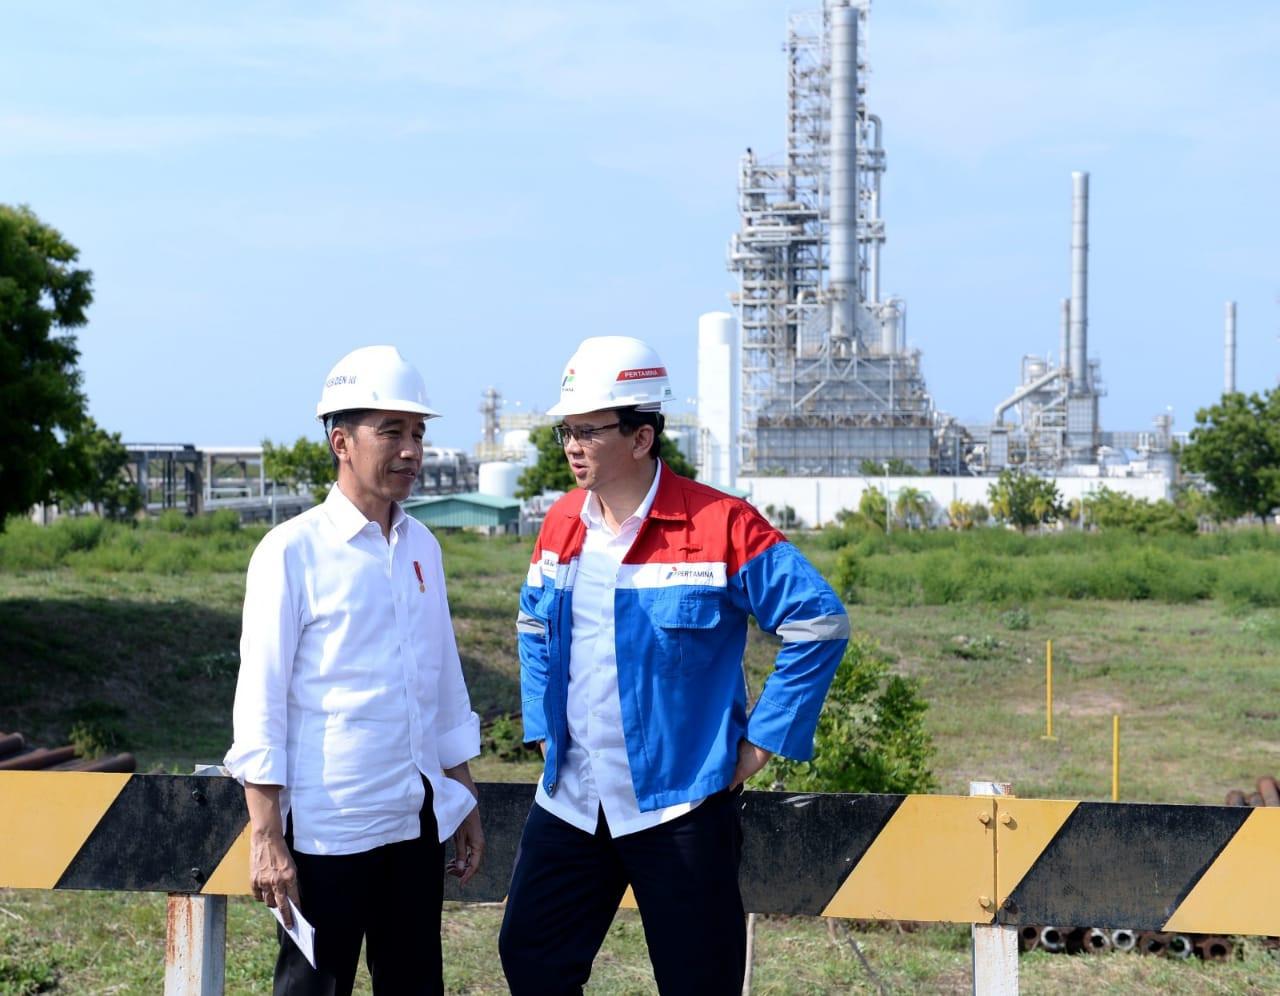 Proyek Olefin TPPI Dikawal Jamintel dan Bareskrim, Hasilnya? - JPNN.com